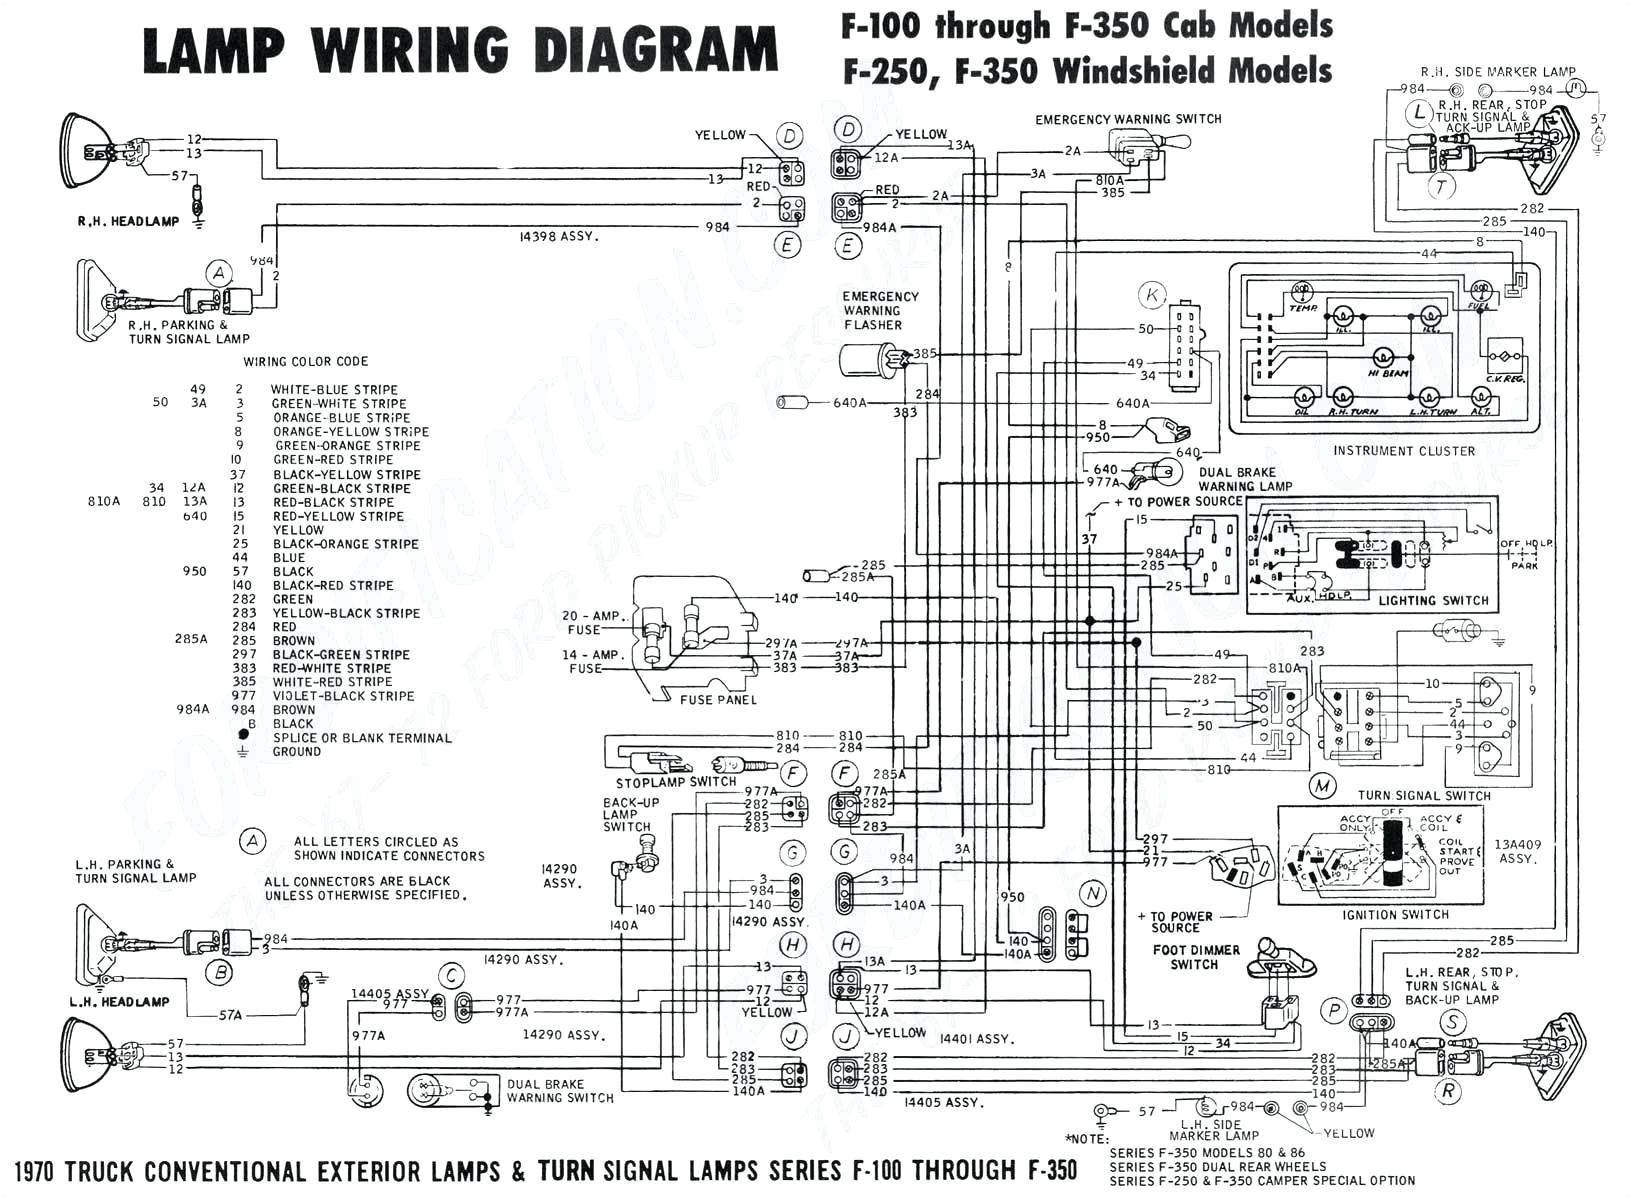 05 silverado radio diagram schema diagram database 2005 chevy silverado radio wiring diagram 2005 chevy silverado